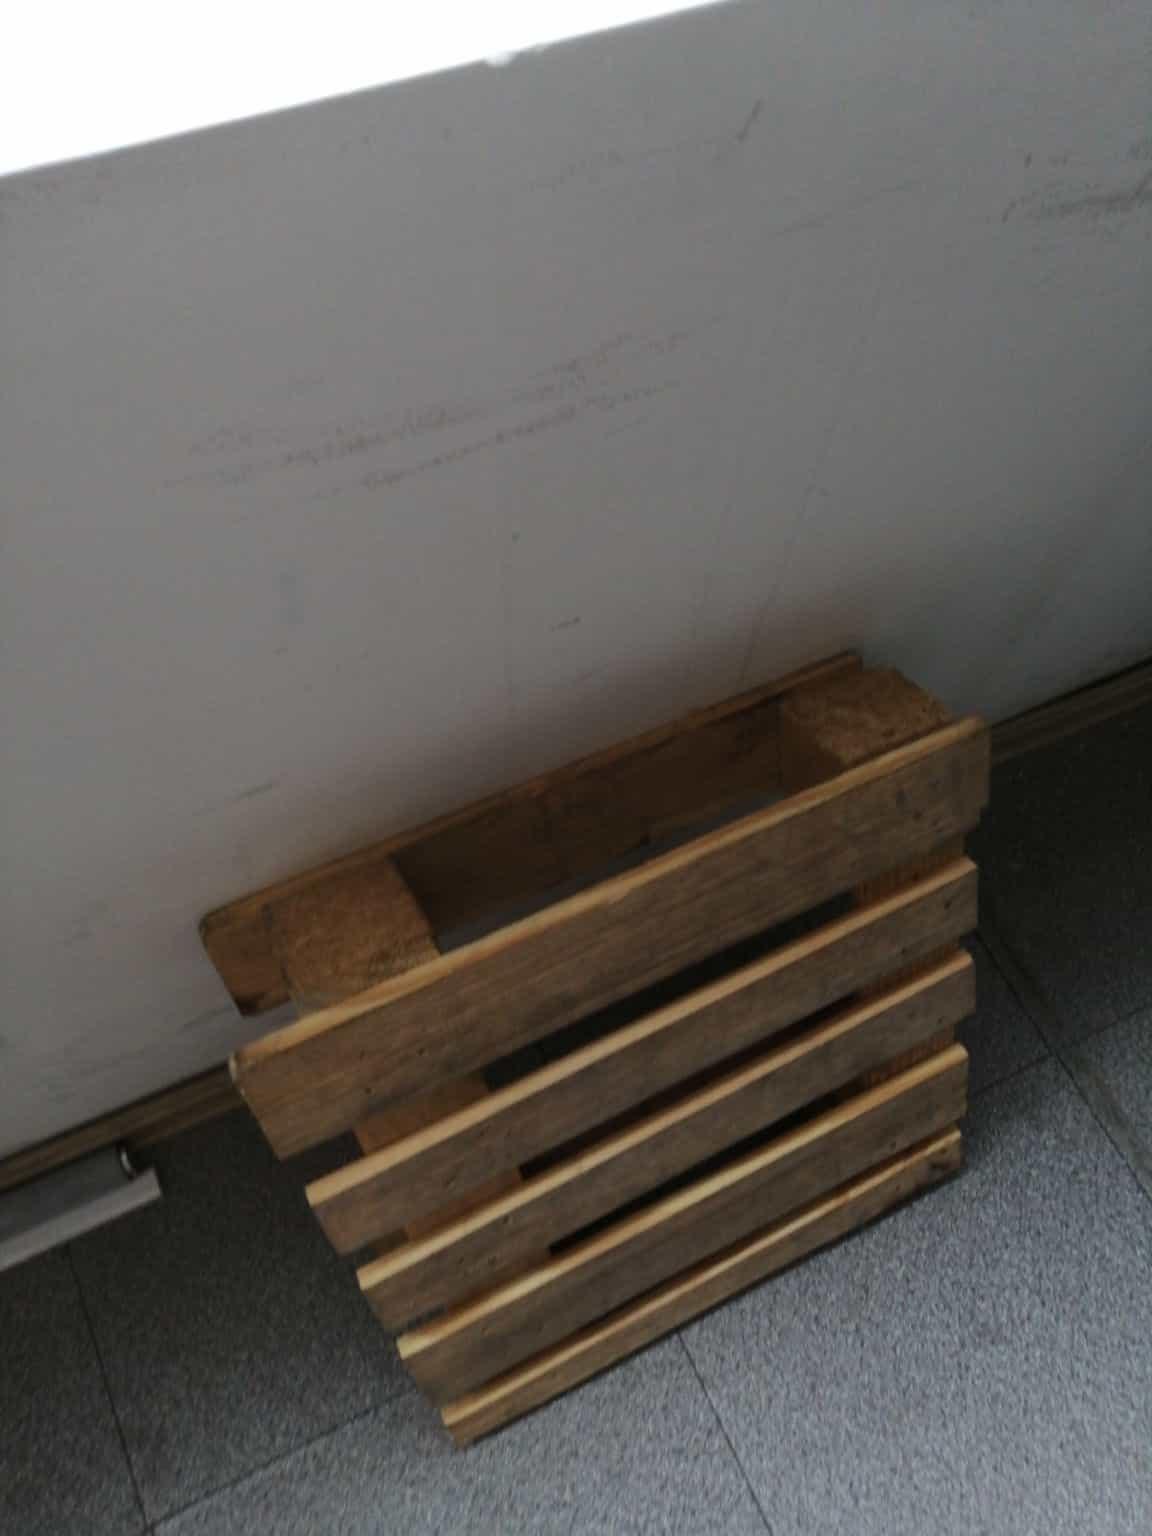 内蒙古松木单面木托盘报价一、实木托盘从每平方米加工